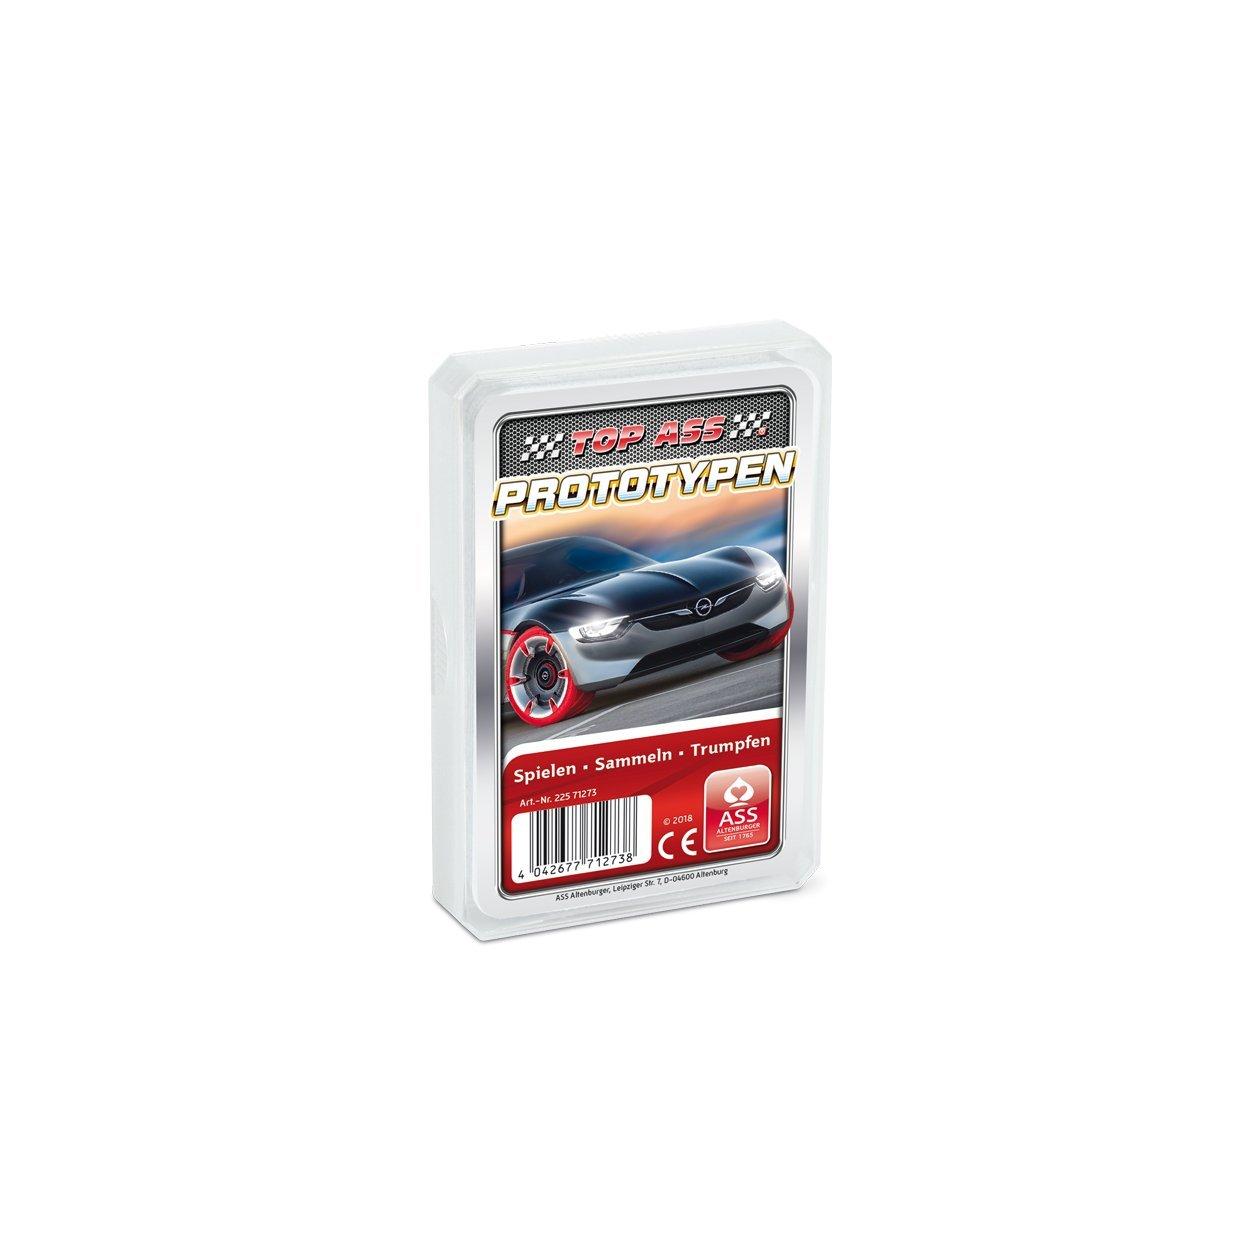 ASS Altenburger 22571273 - TOP ASS Prototypen, Kartenspiel Kartenspiele